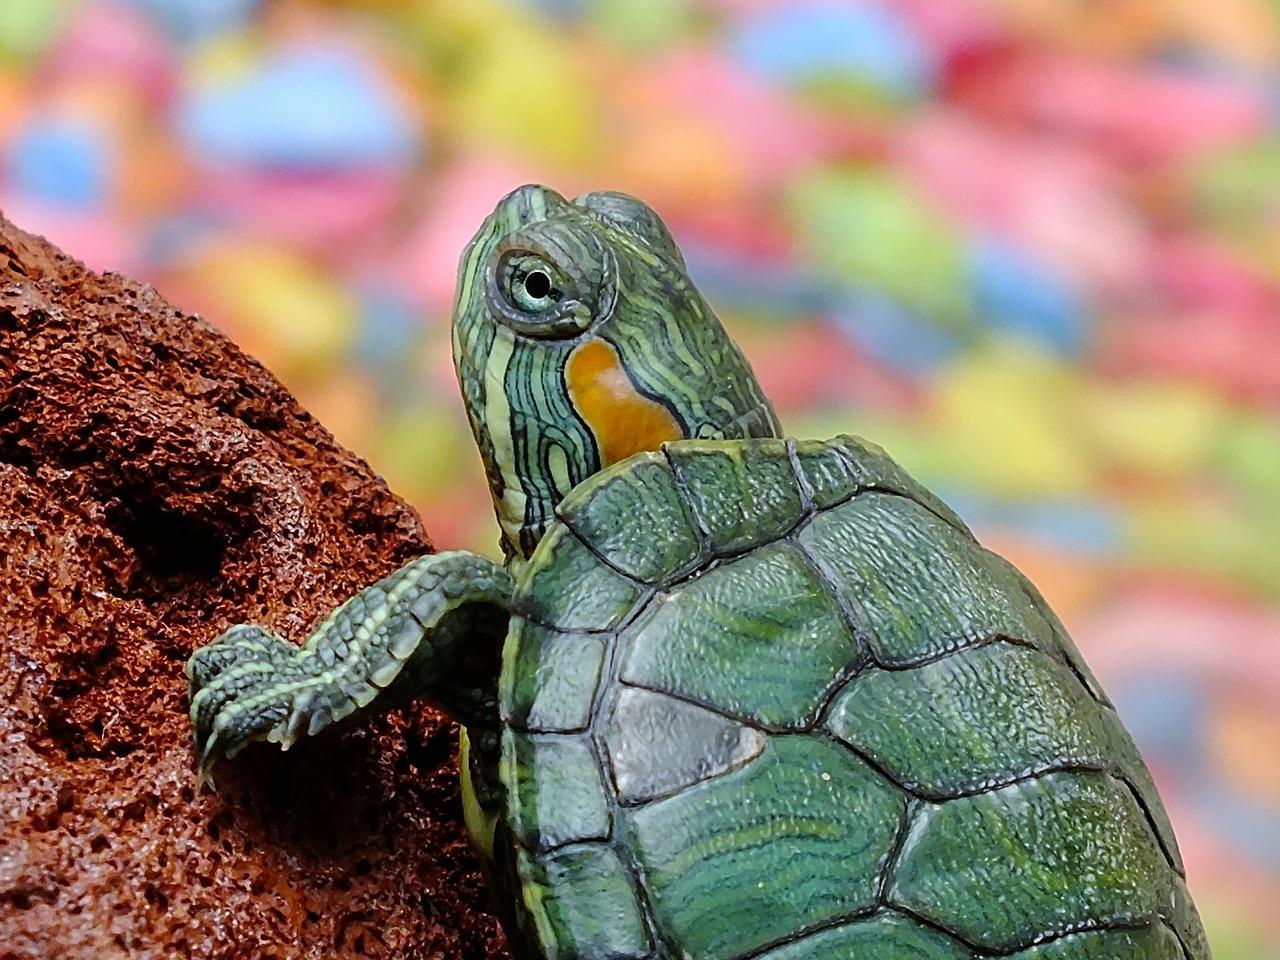 turtle-182121_1280